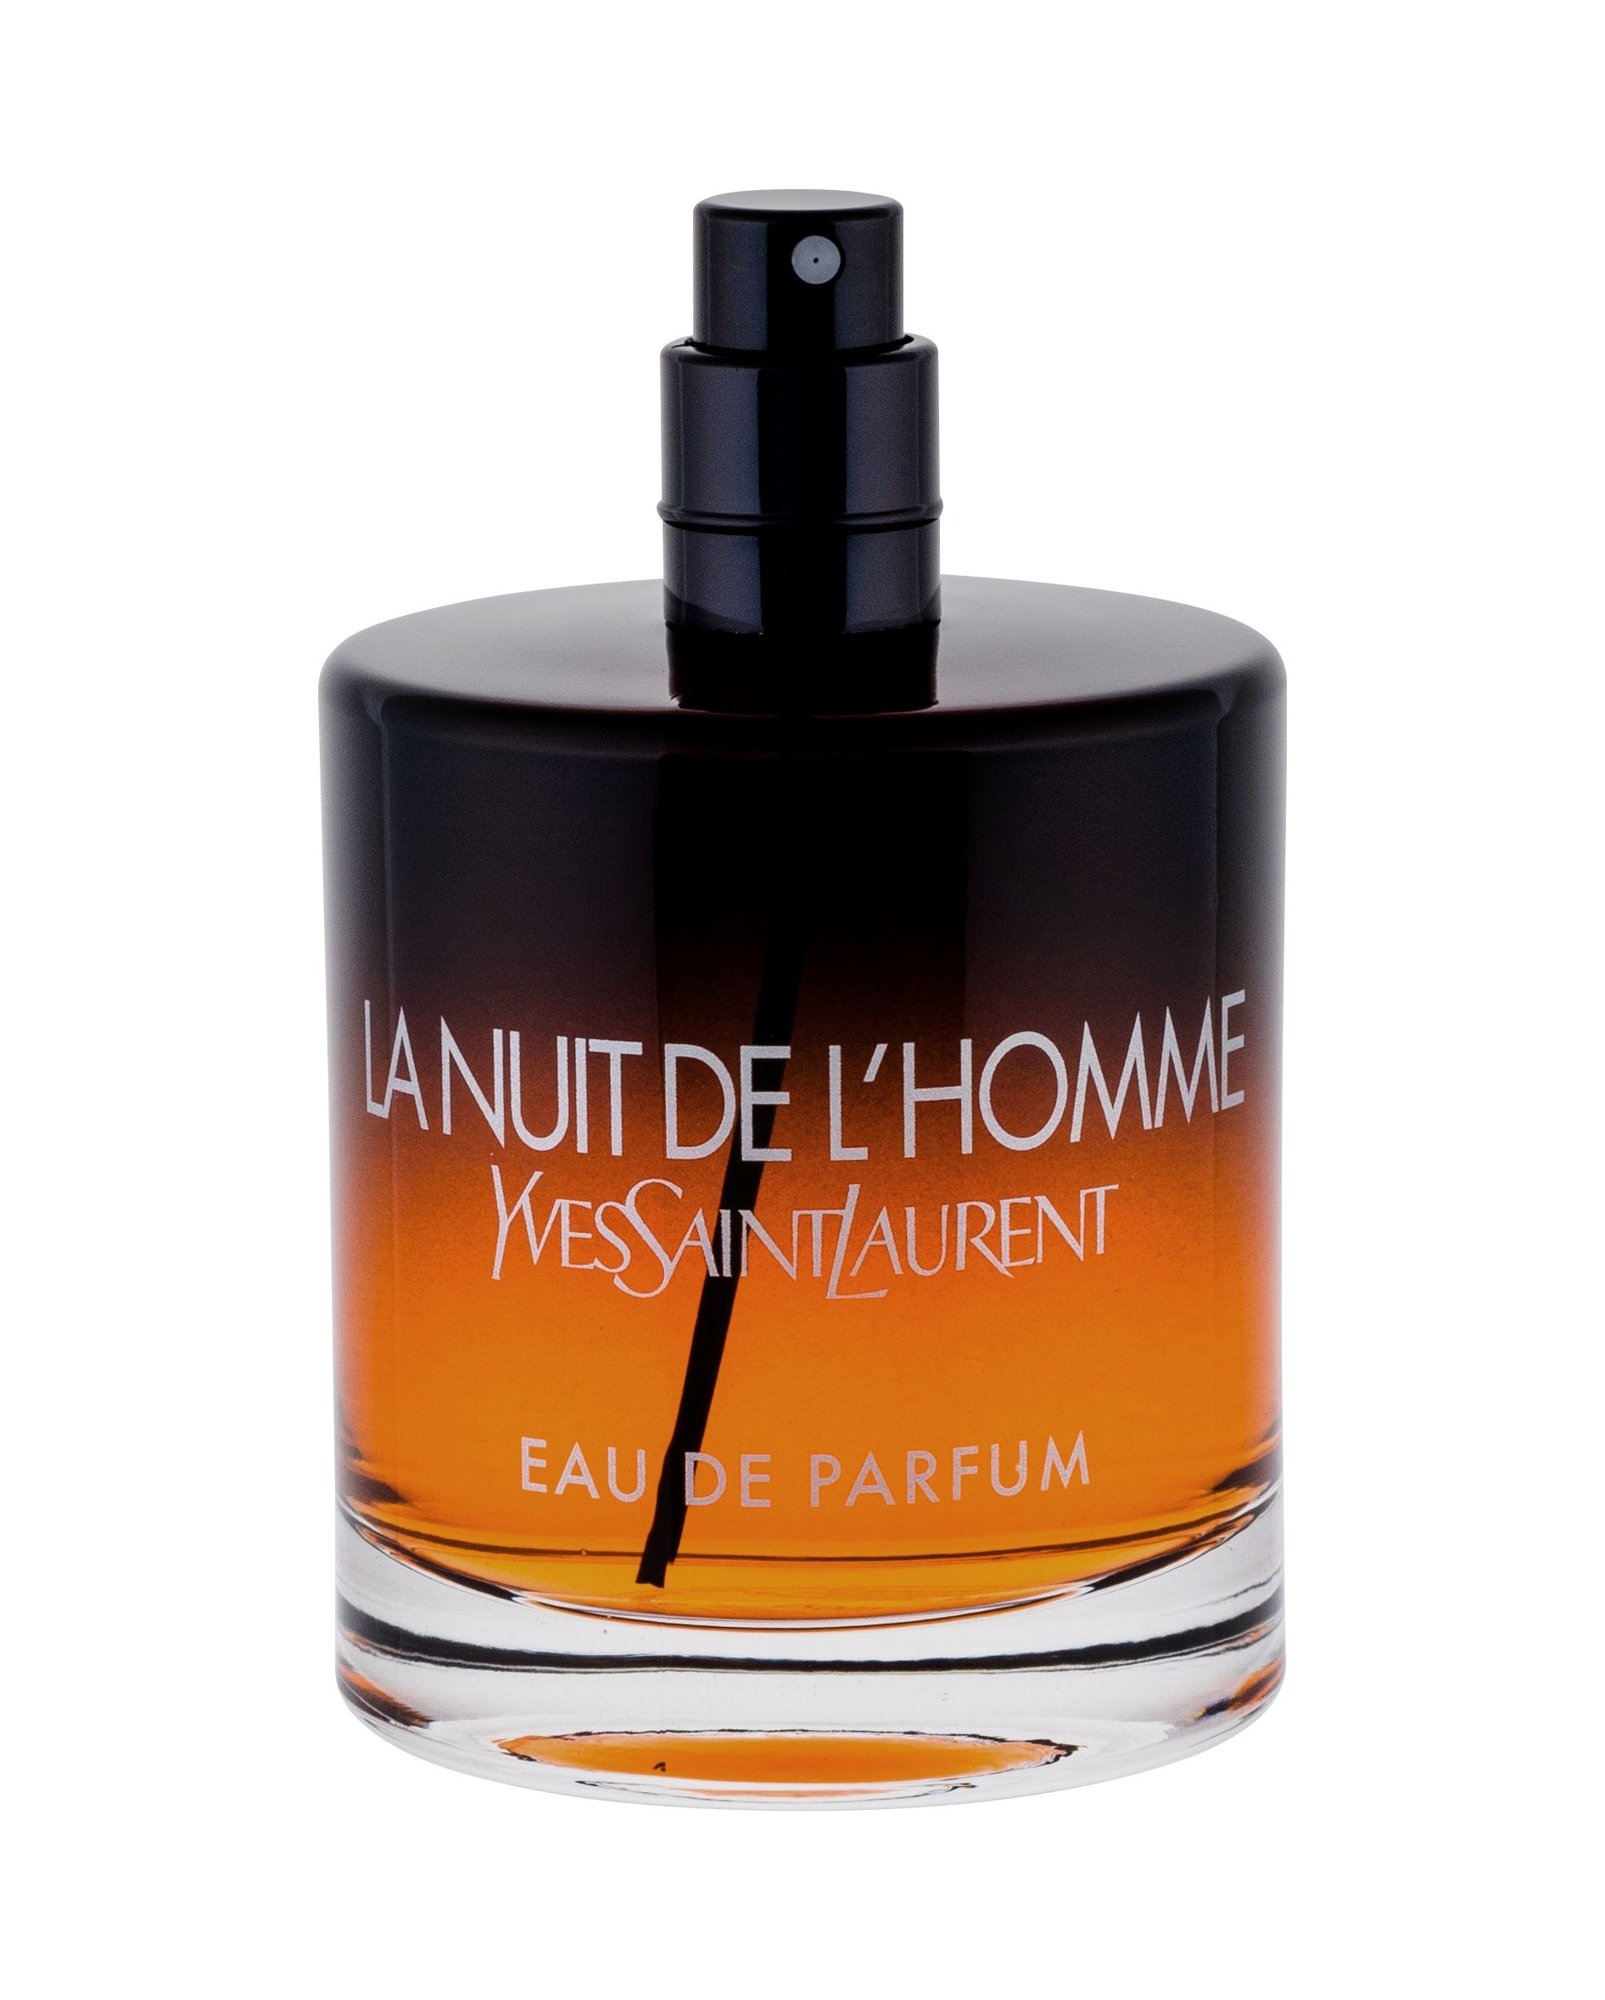 Yves Saint Laurent La Nuit De L´Homme Eau de Parfum 100ml